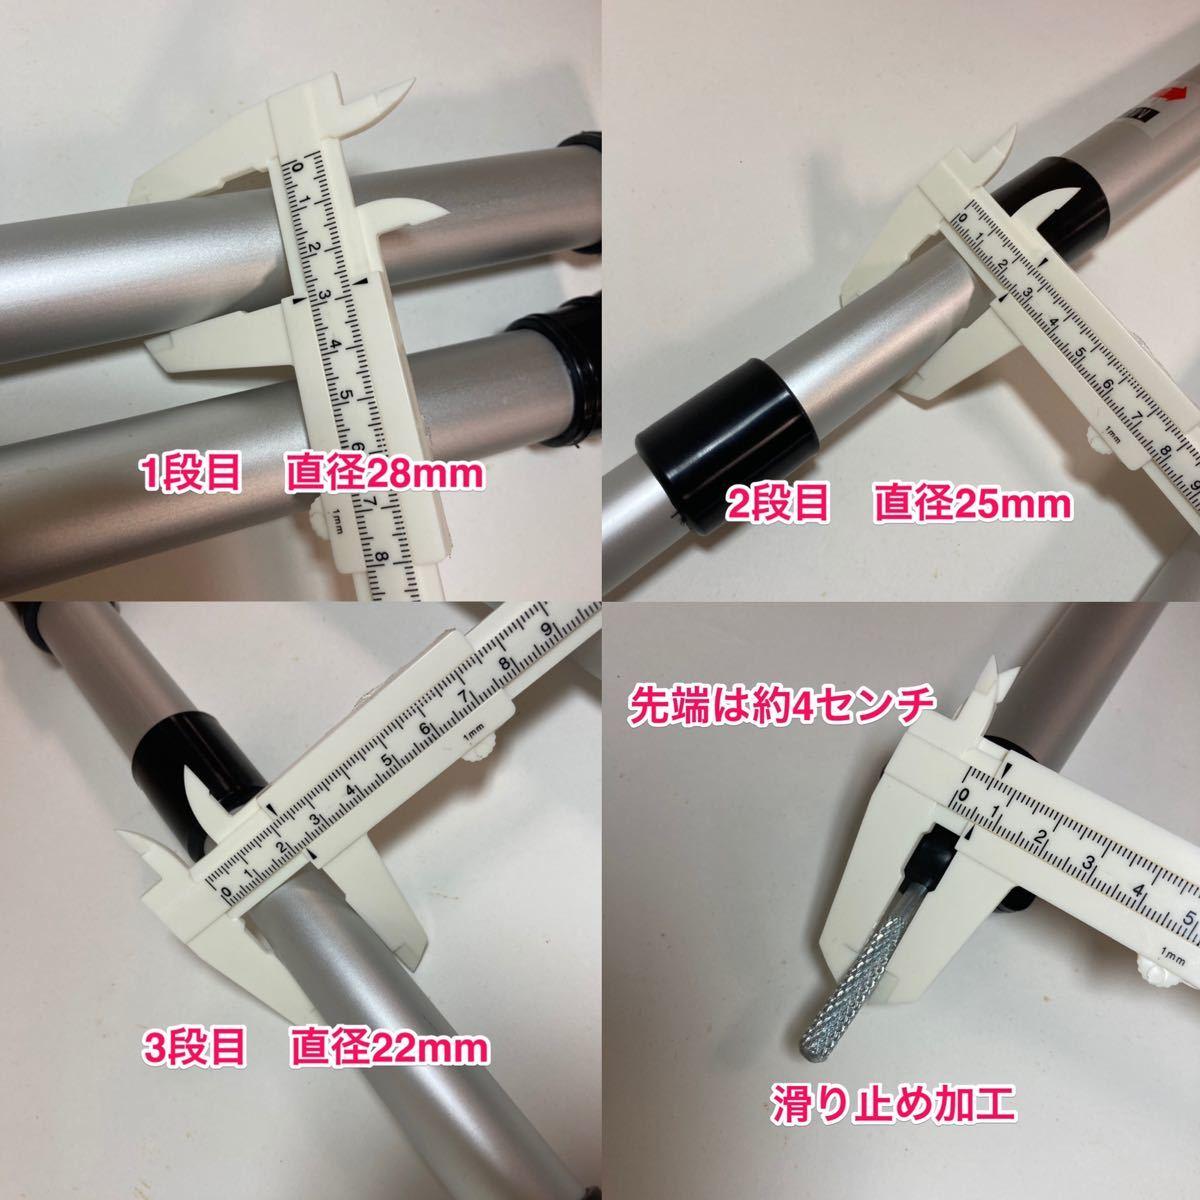 テントポール 伸縮 90-230cm スライド タープ アルミ製 GEJ-TPS